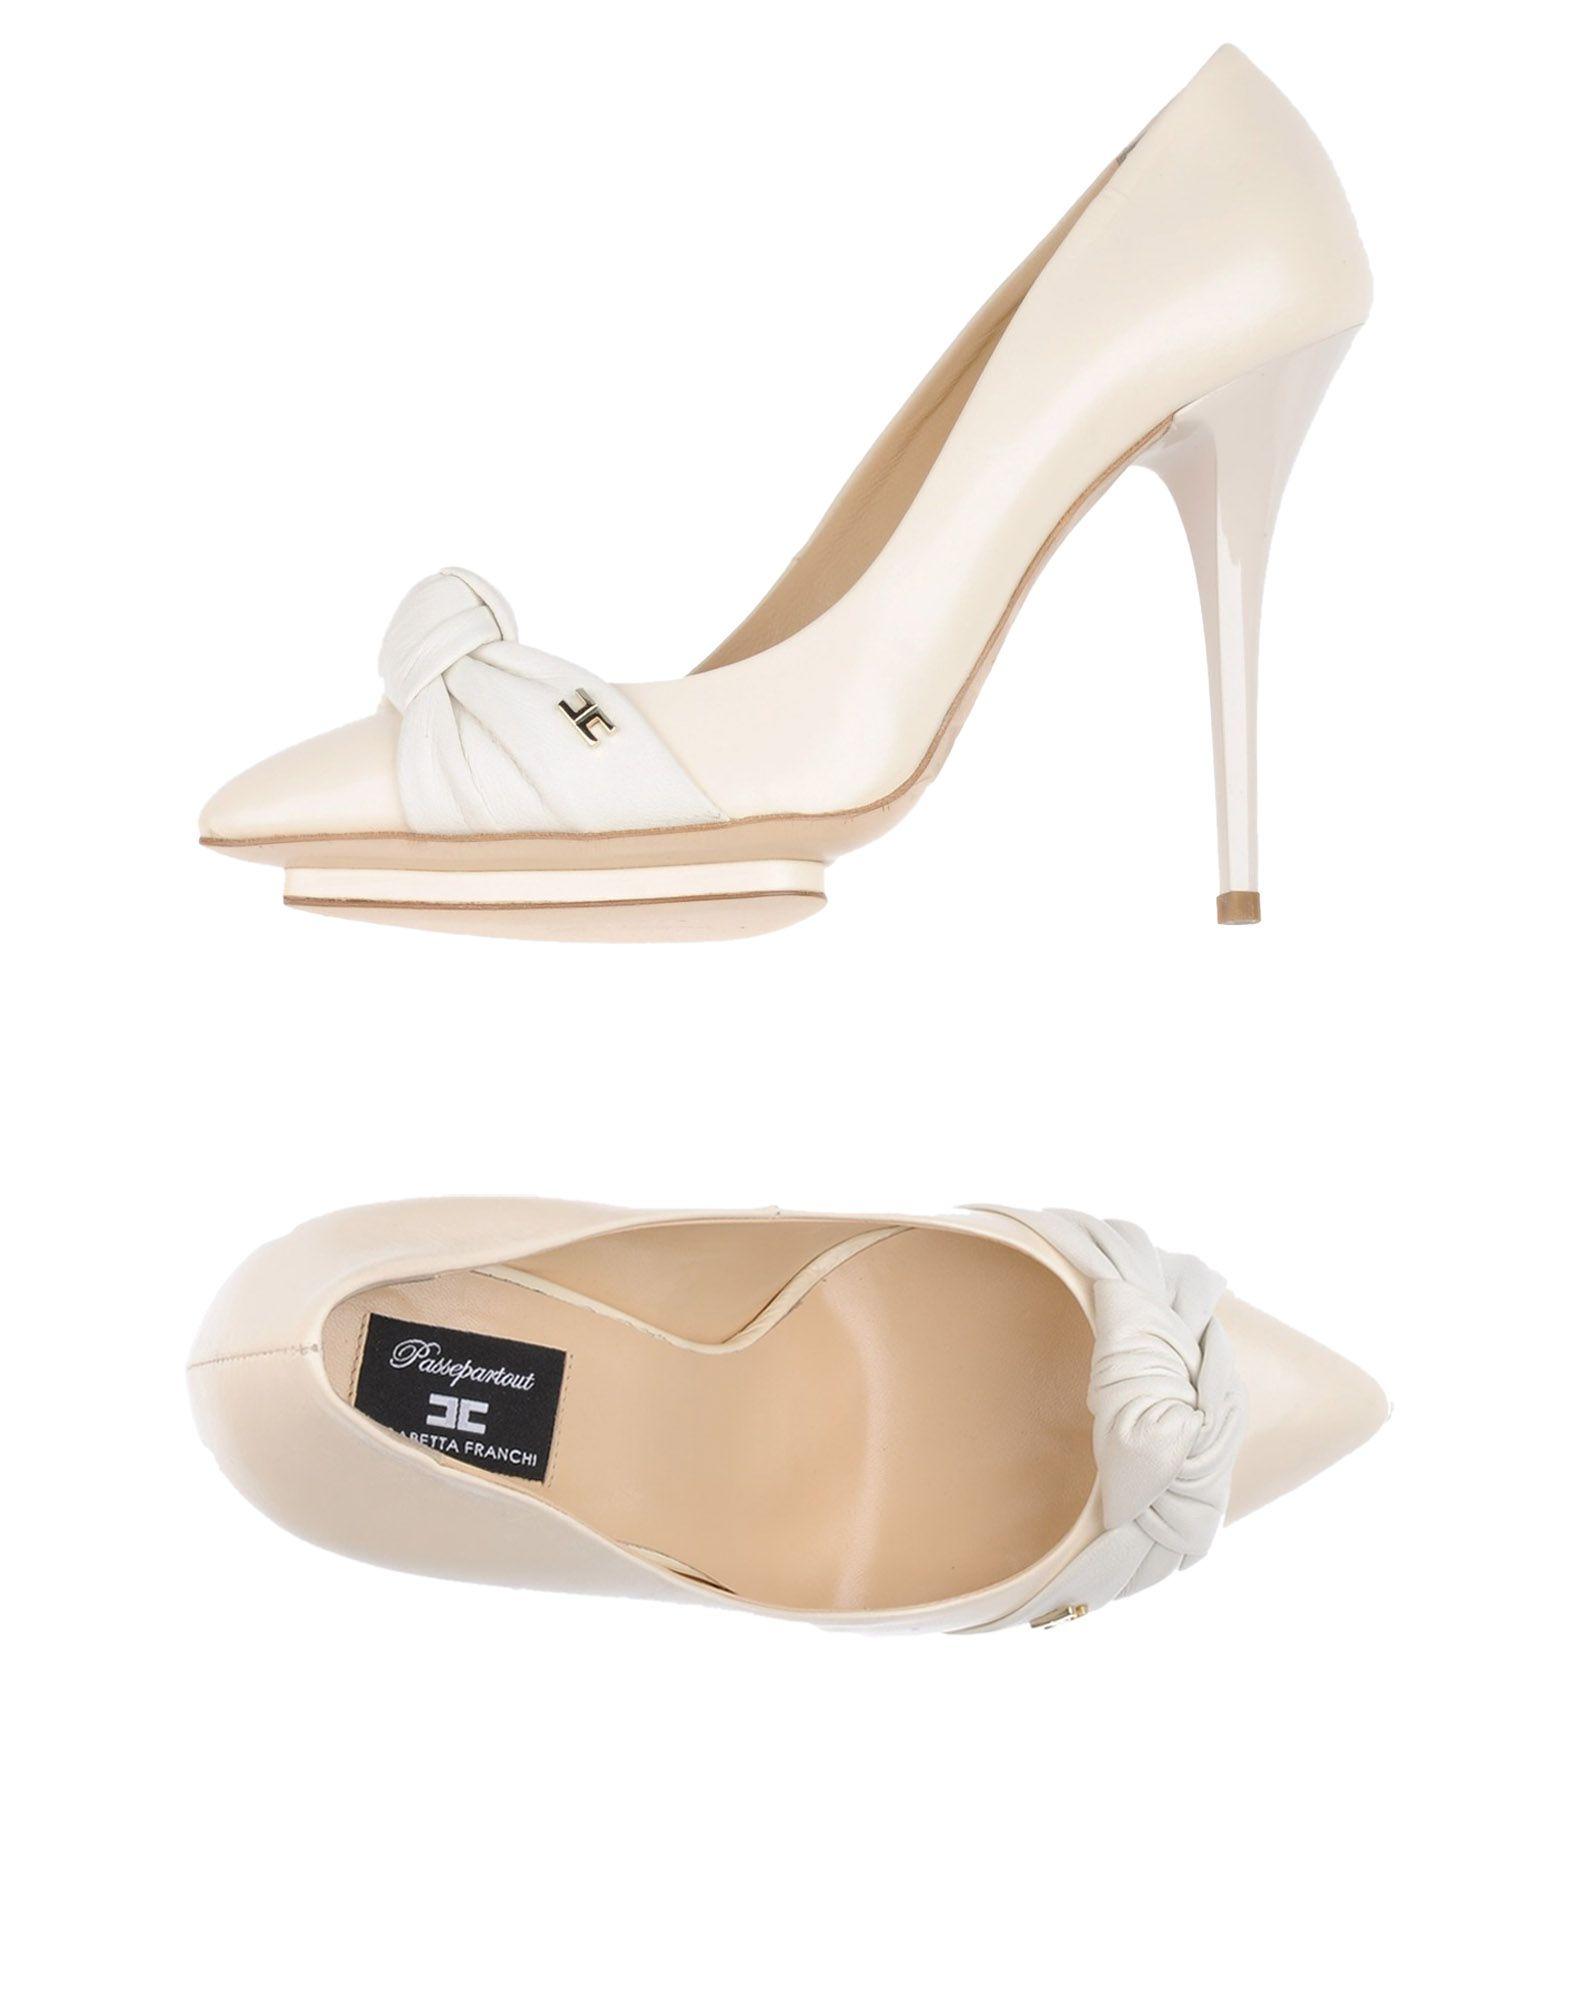 Stilvolle Pumps billige Schuhe Elisabetta Franchi Pumps Stilvolle Damen  11244828BF b66f45